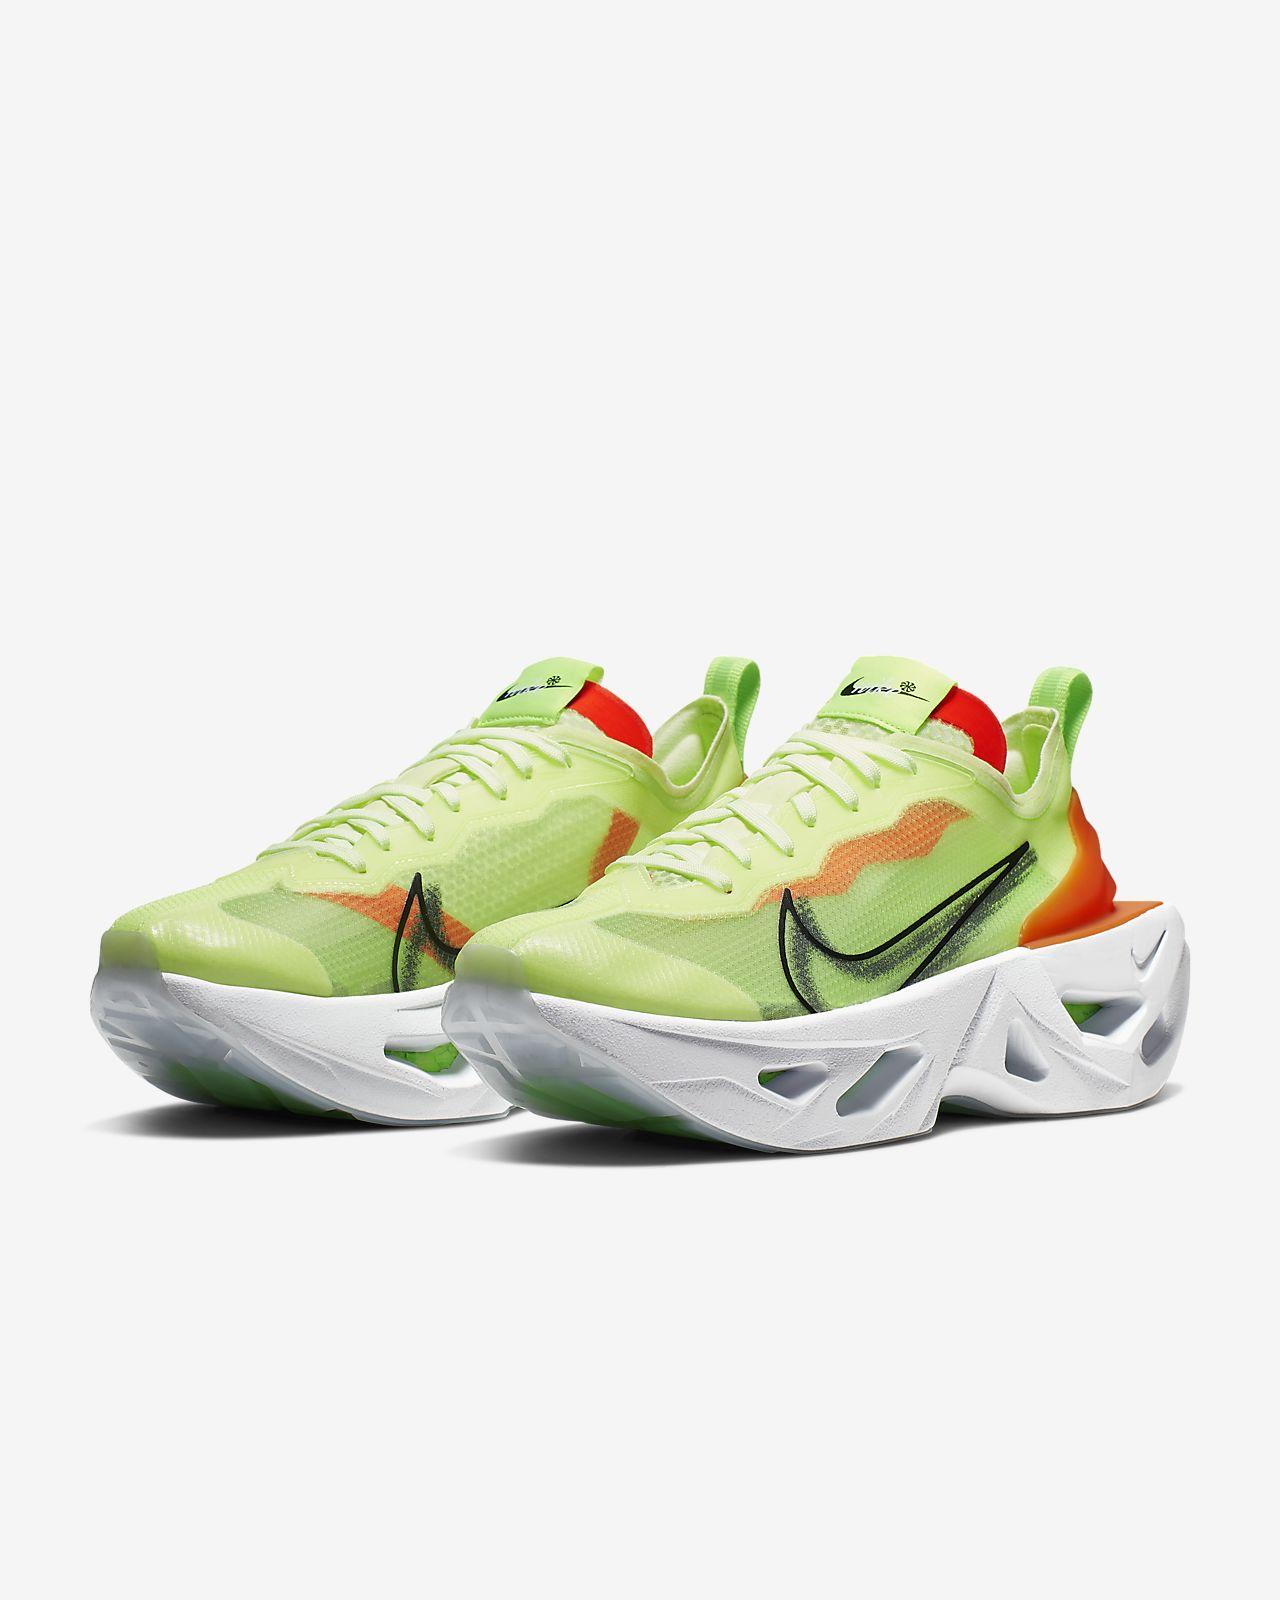 Sko Nike Zoom X Vista Grind för kvinnor